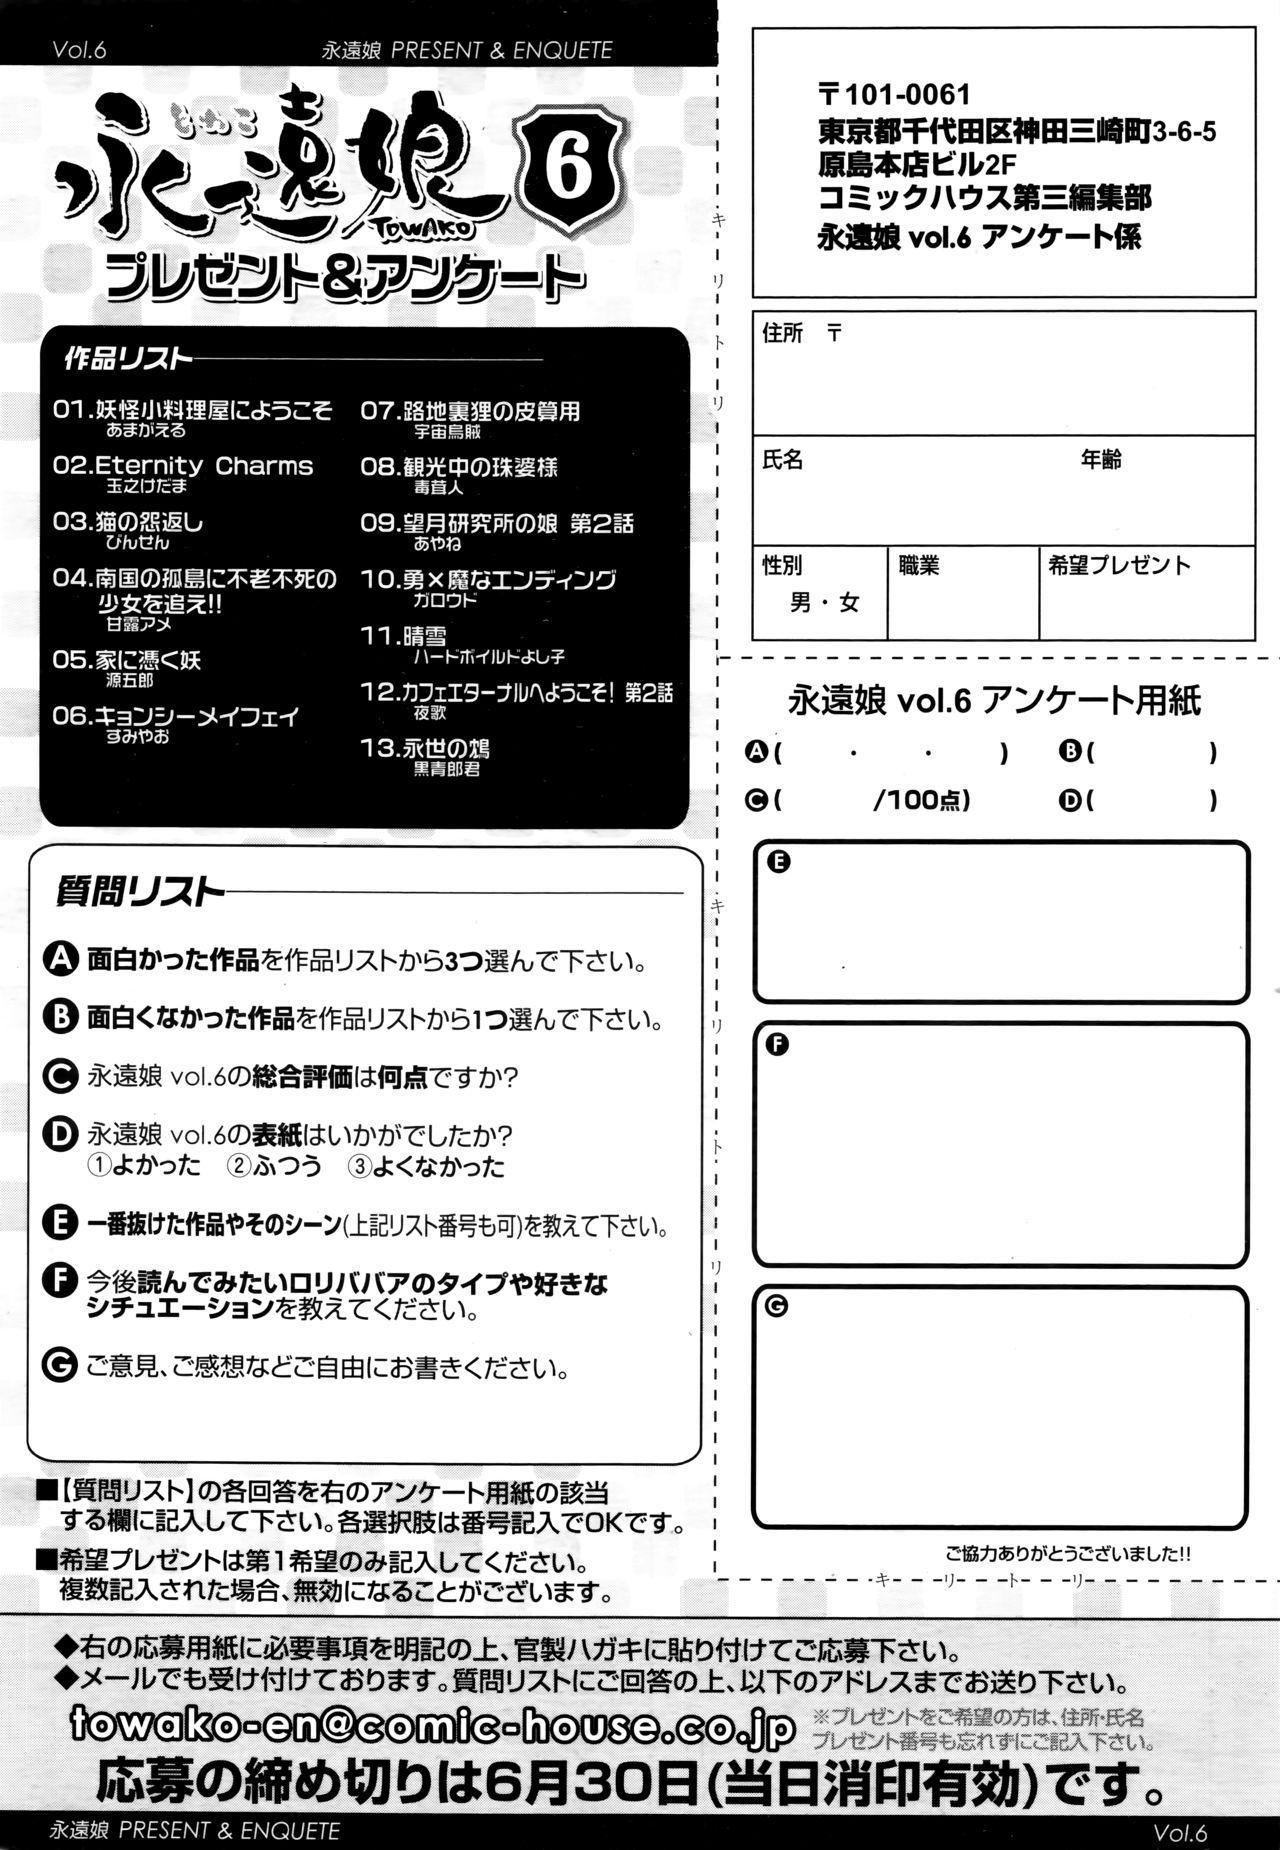 Towako 6 355